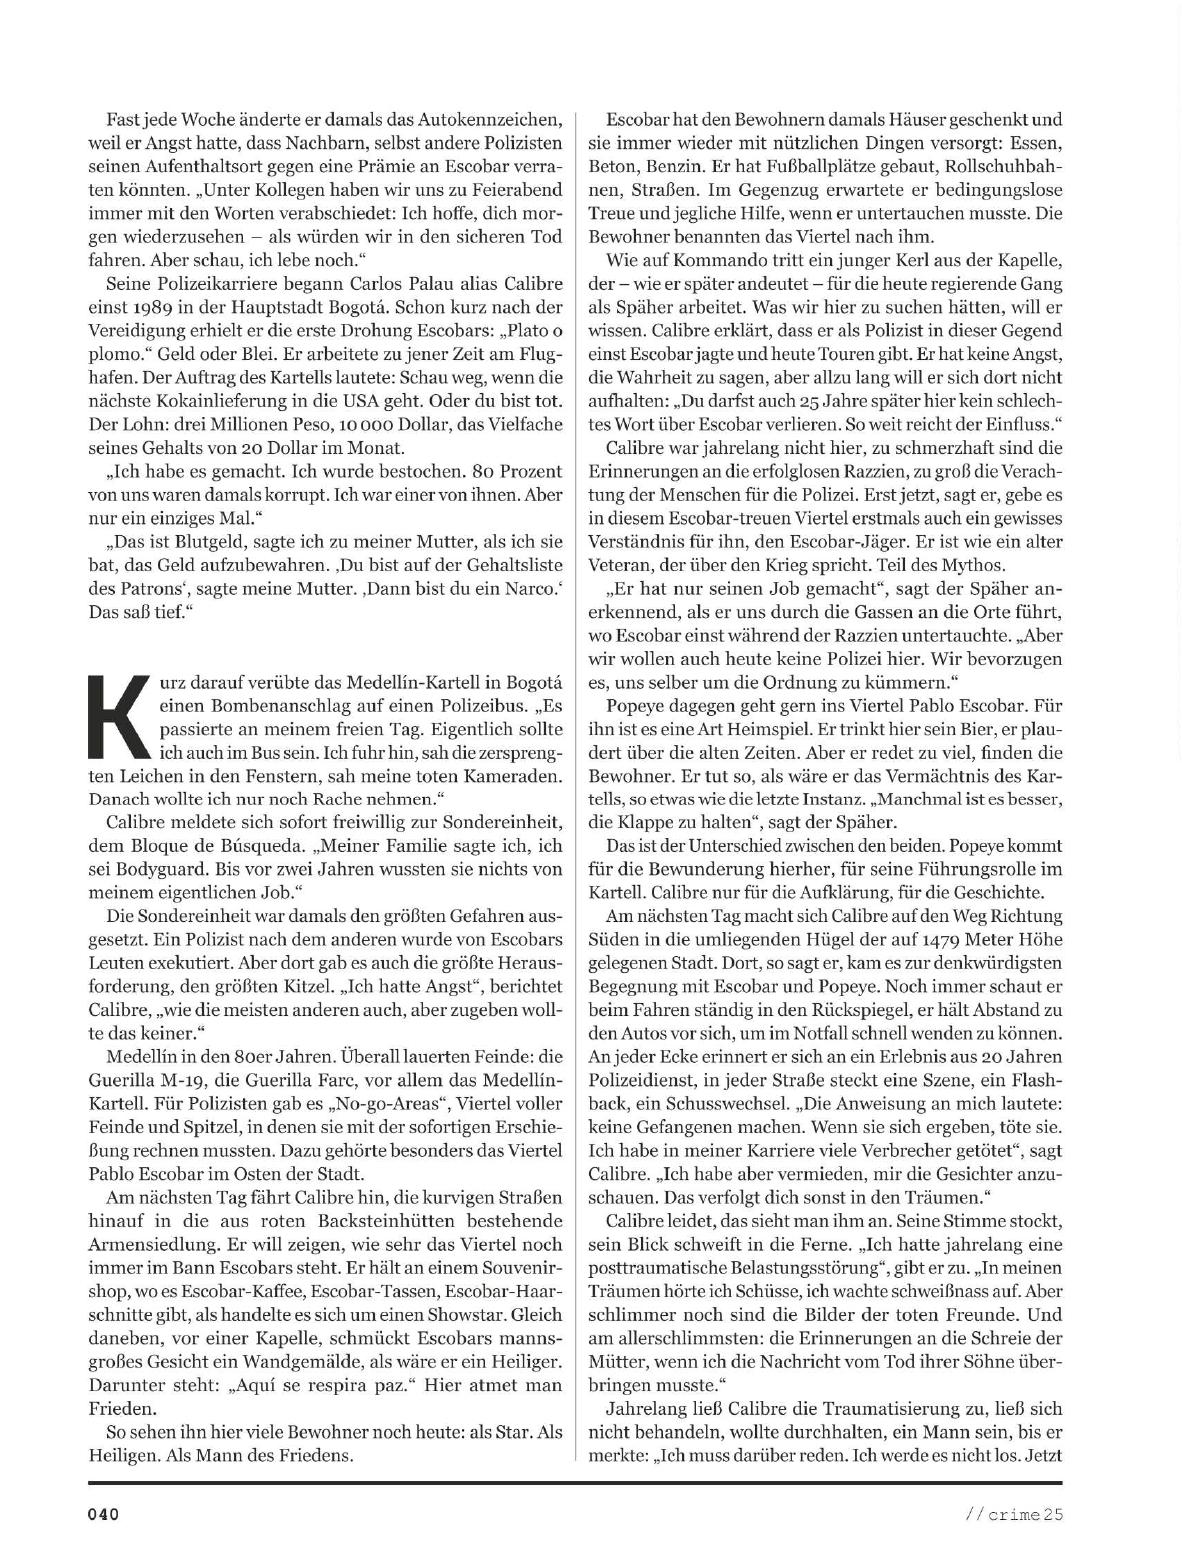 Der Killer und sein Jäger_page-0007